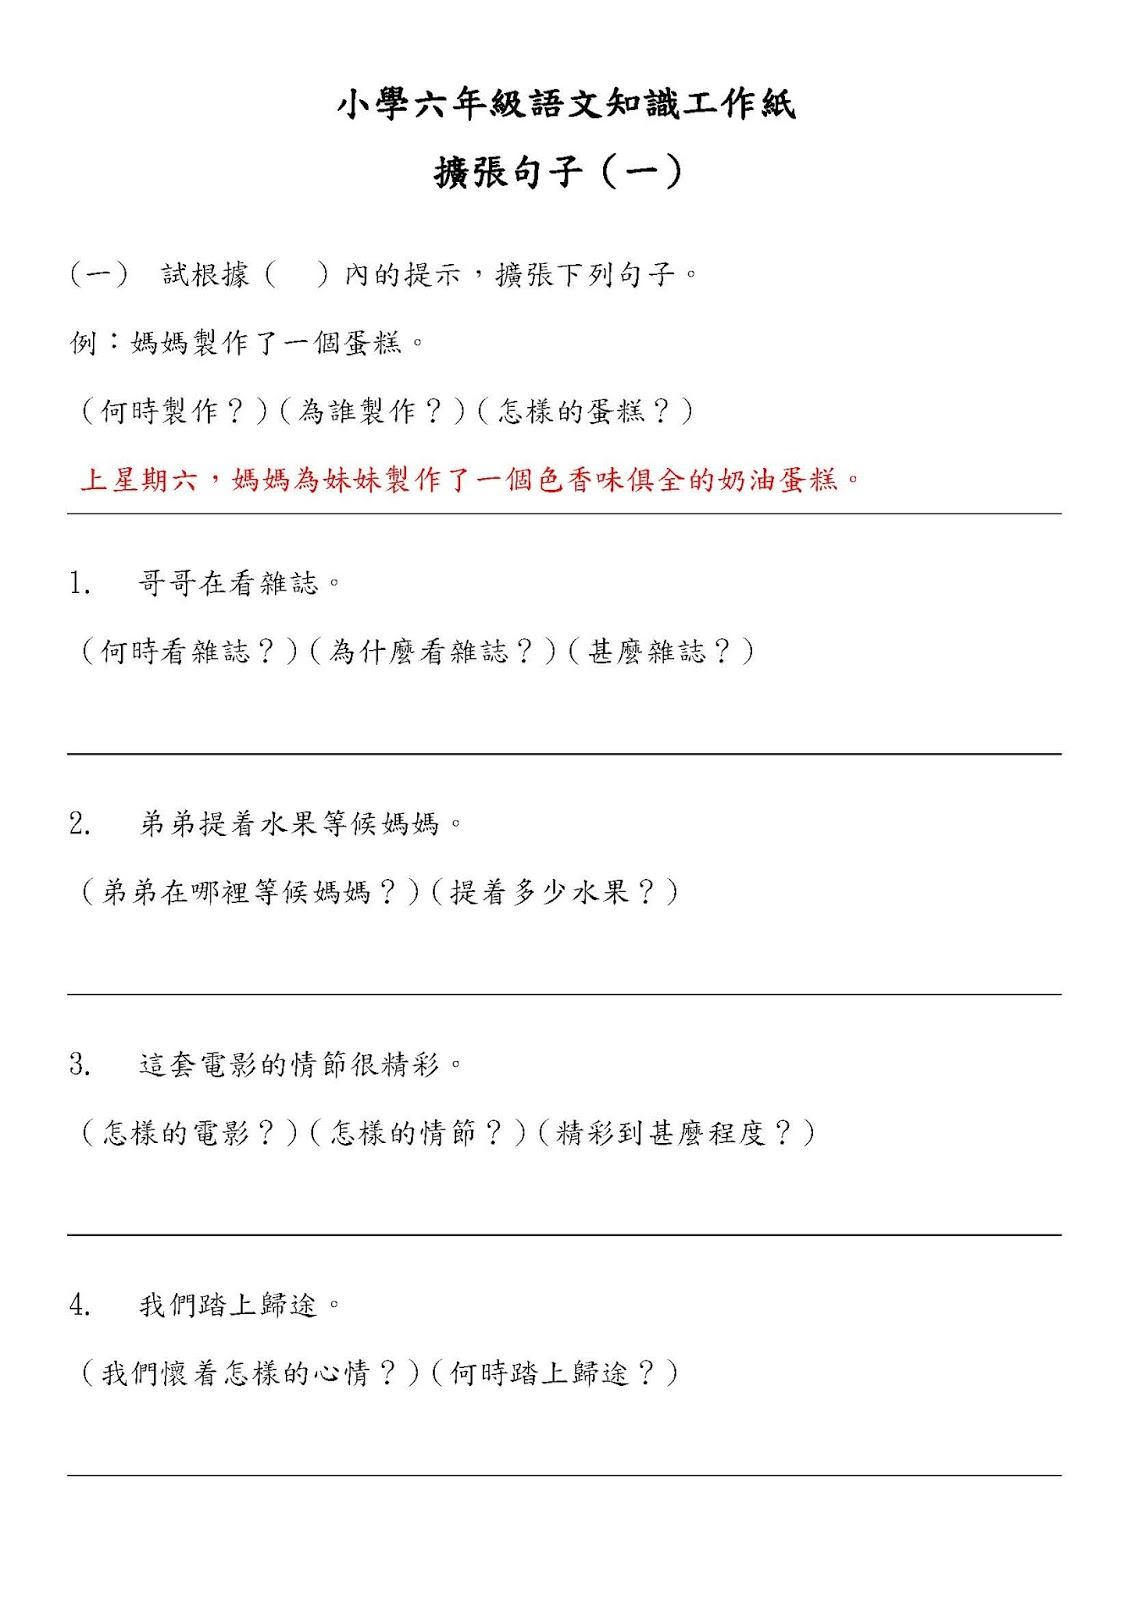 小六語文知識工作紙:擴張句子(一) 中文工作紙 尤莉姐姐的反轉學堂